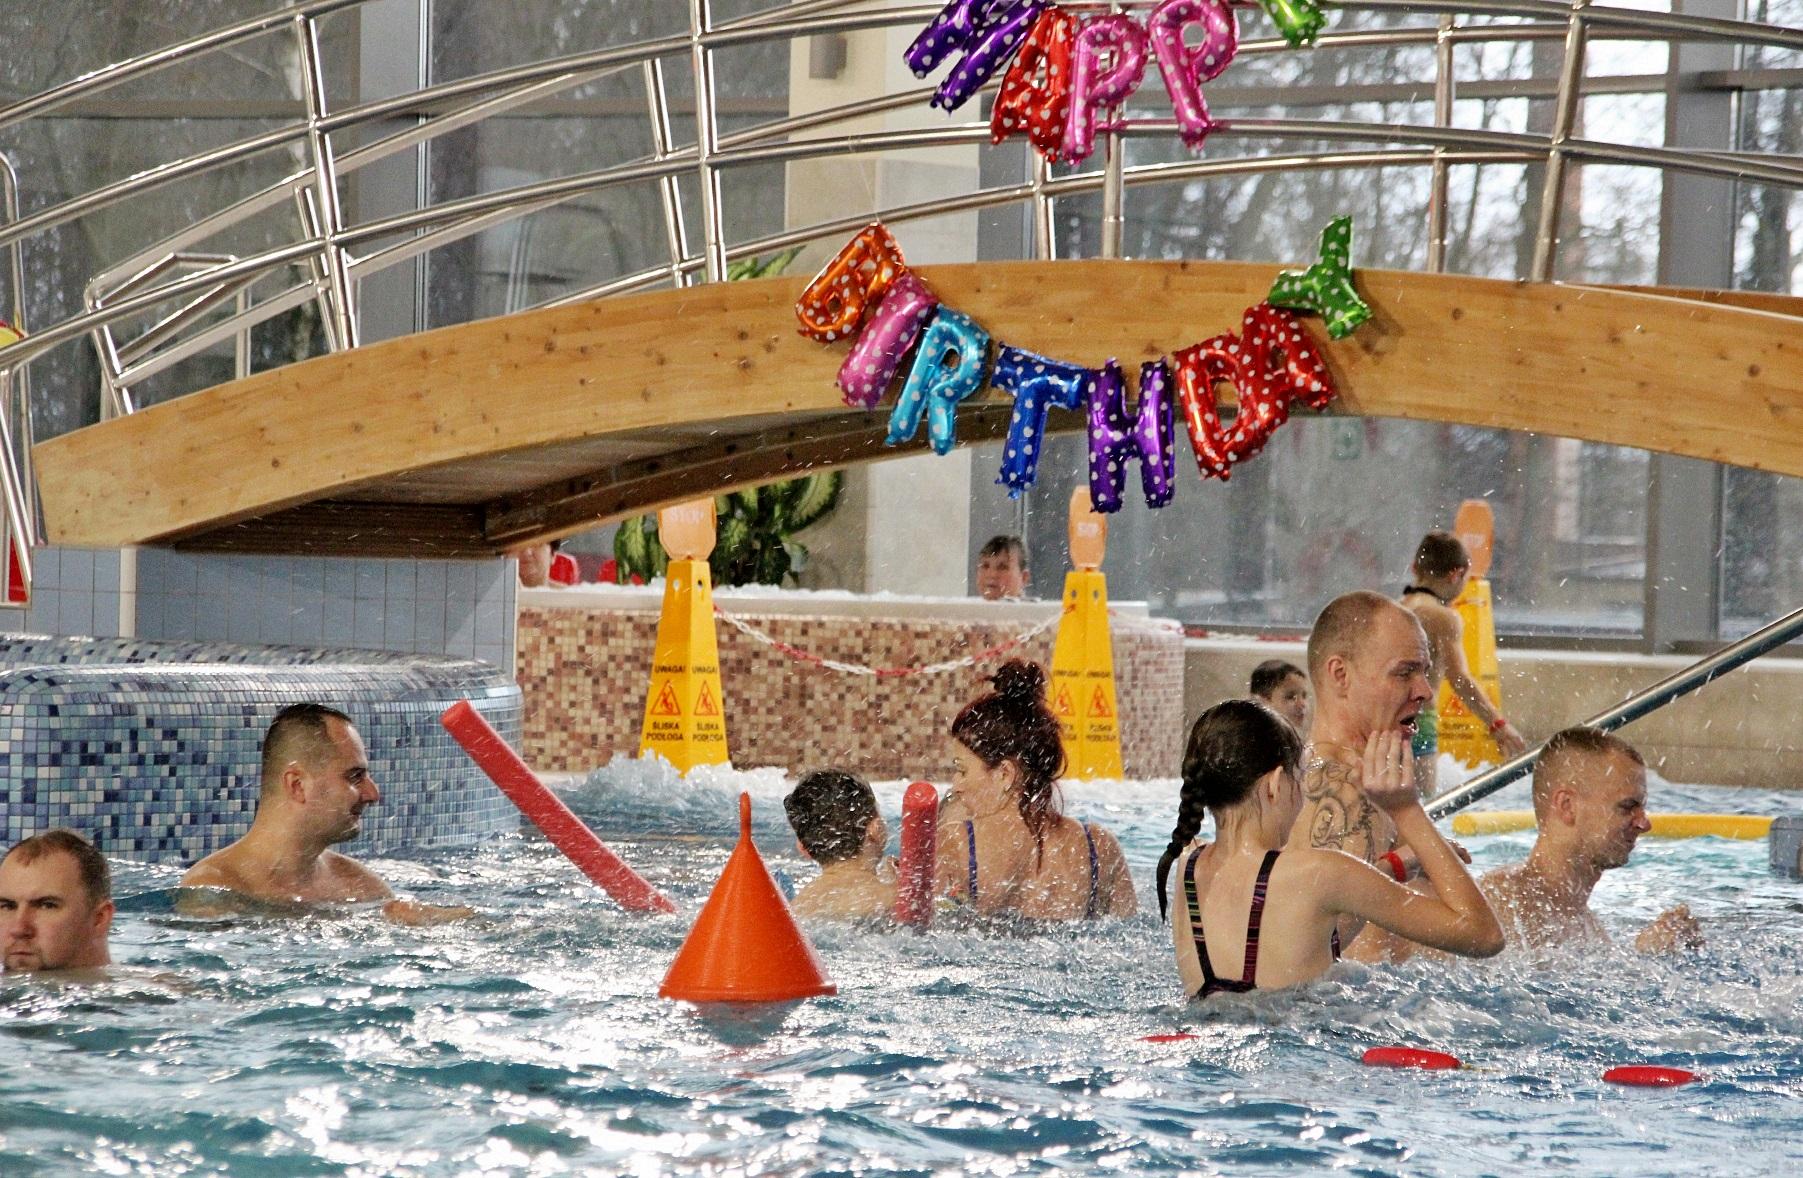 Ćwierć miliona osób wykąpało się w białogardzkim basenie